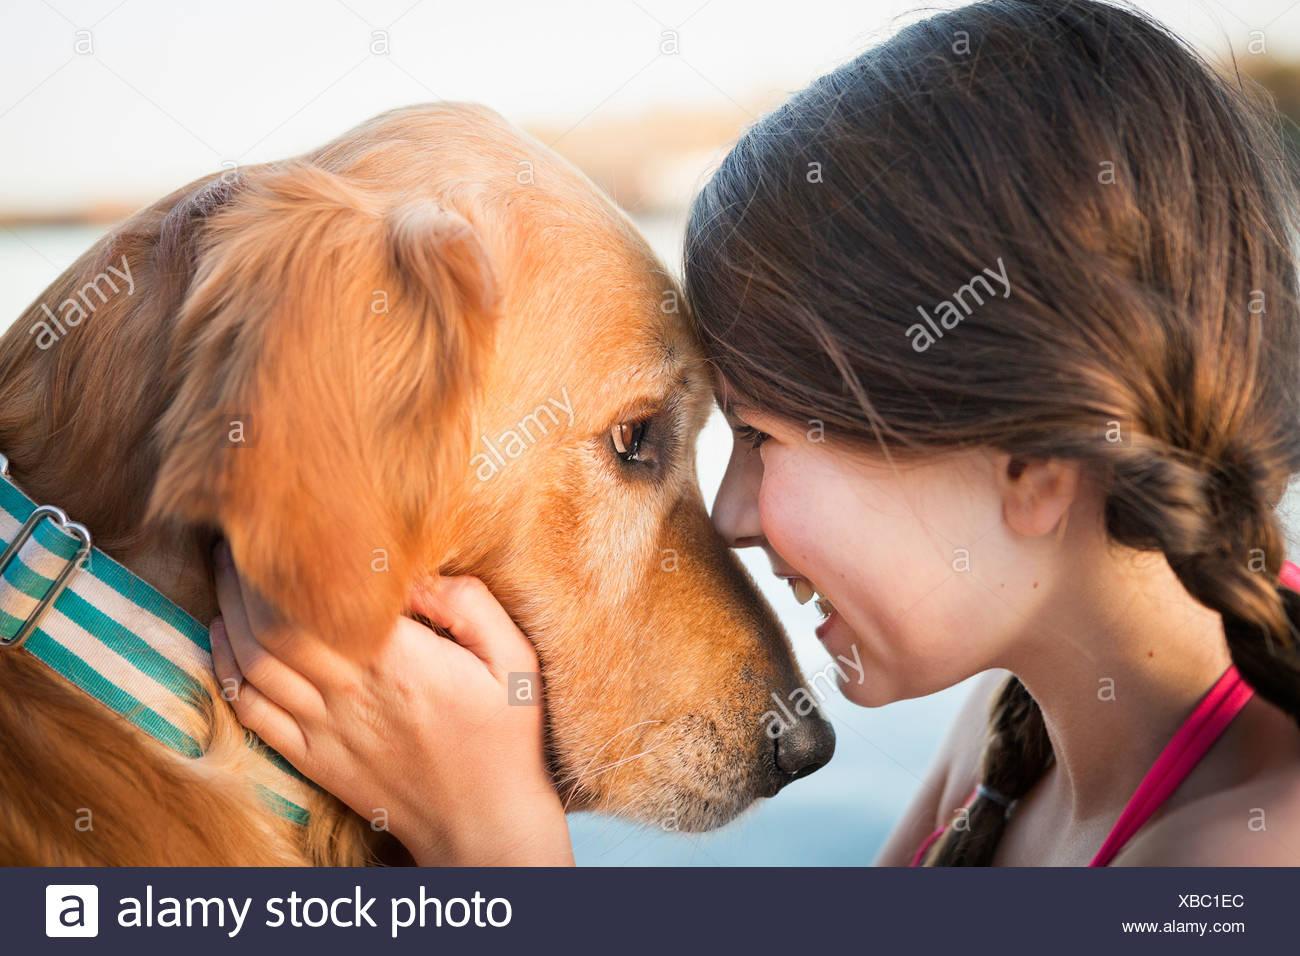 Una niña y un perro golden retriever de nariz a nariz. Imagen De Stock